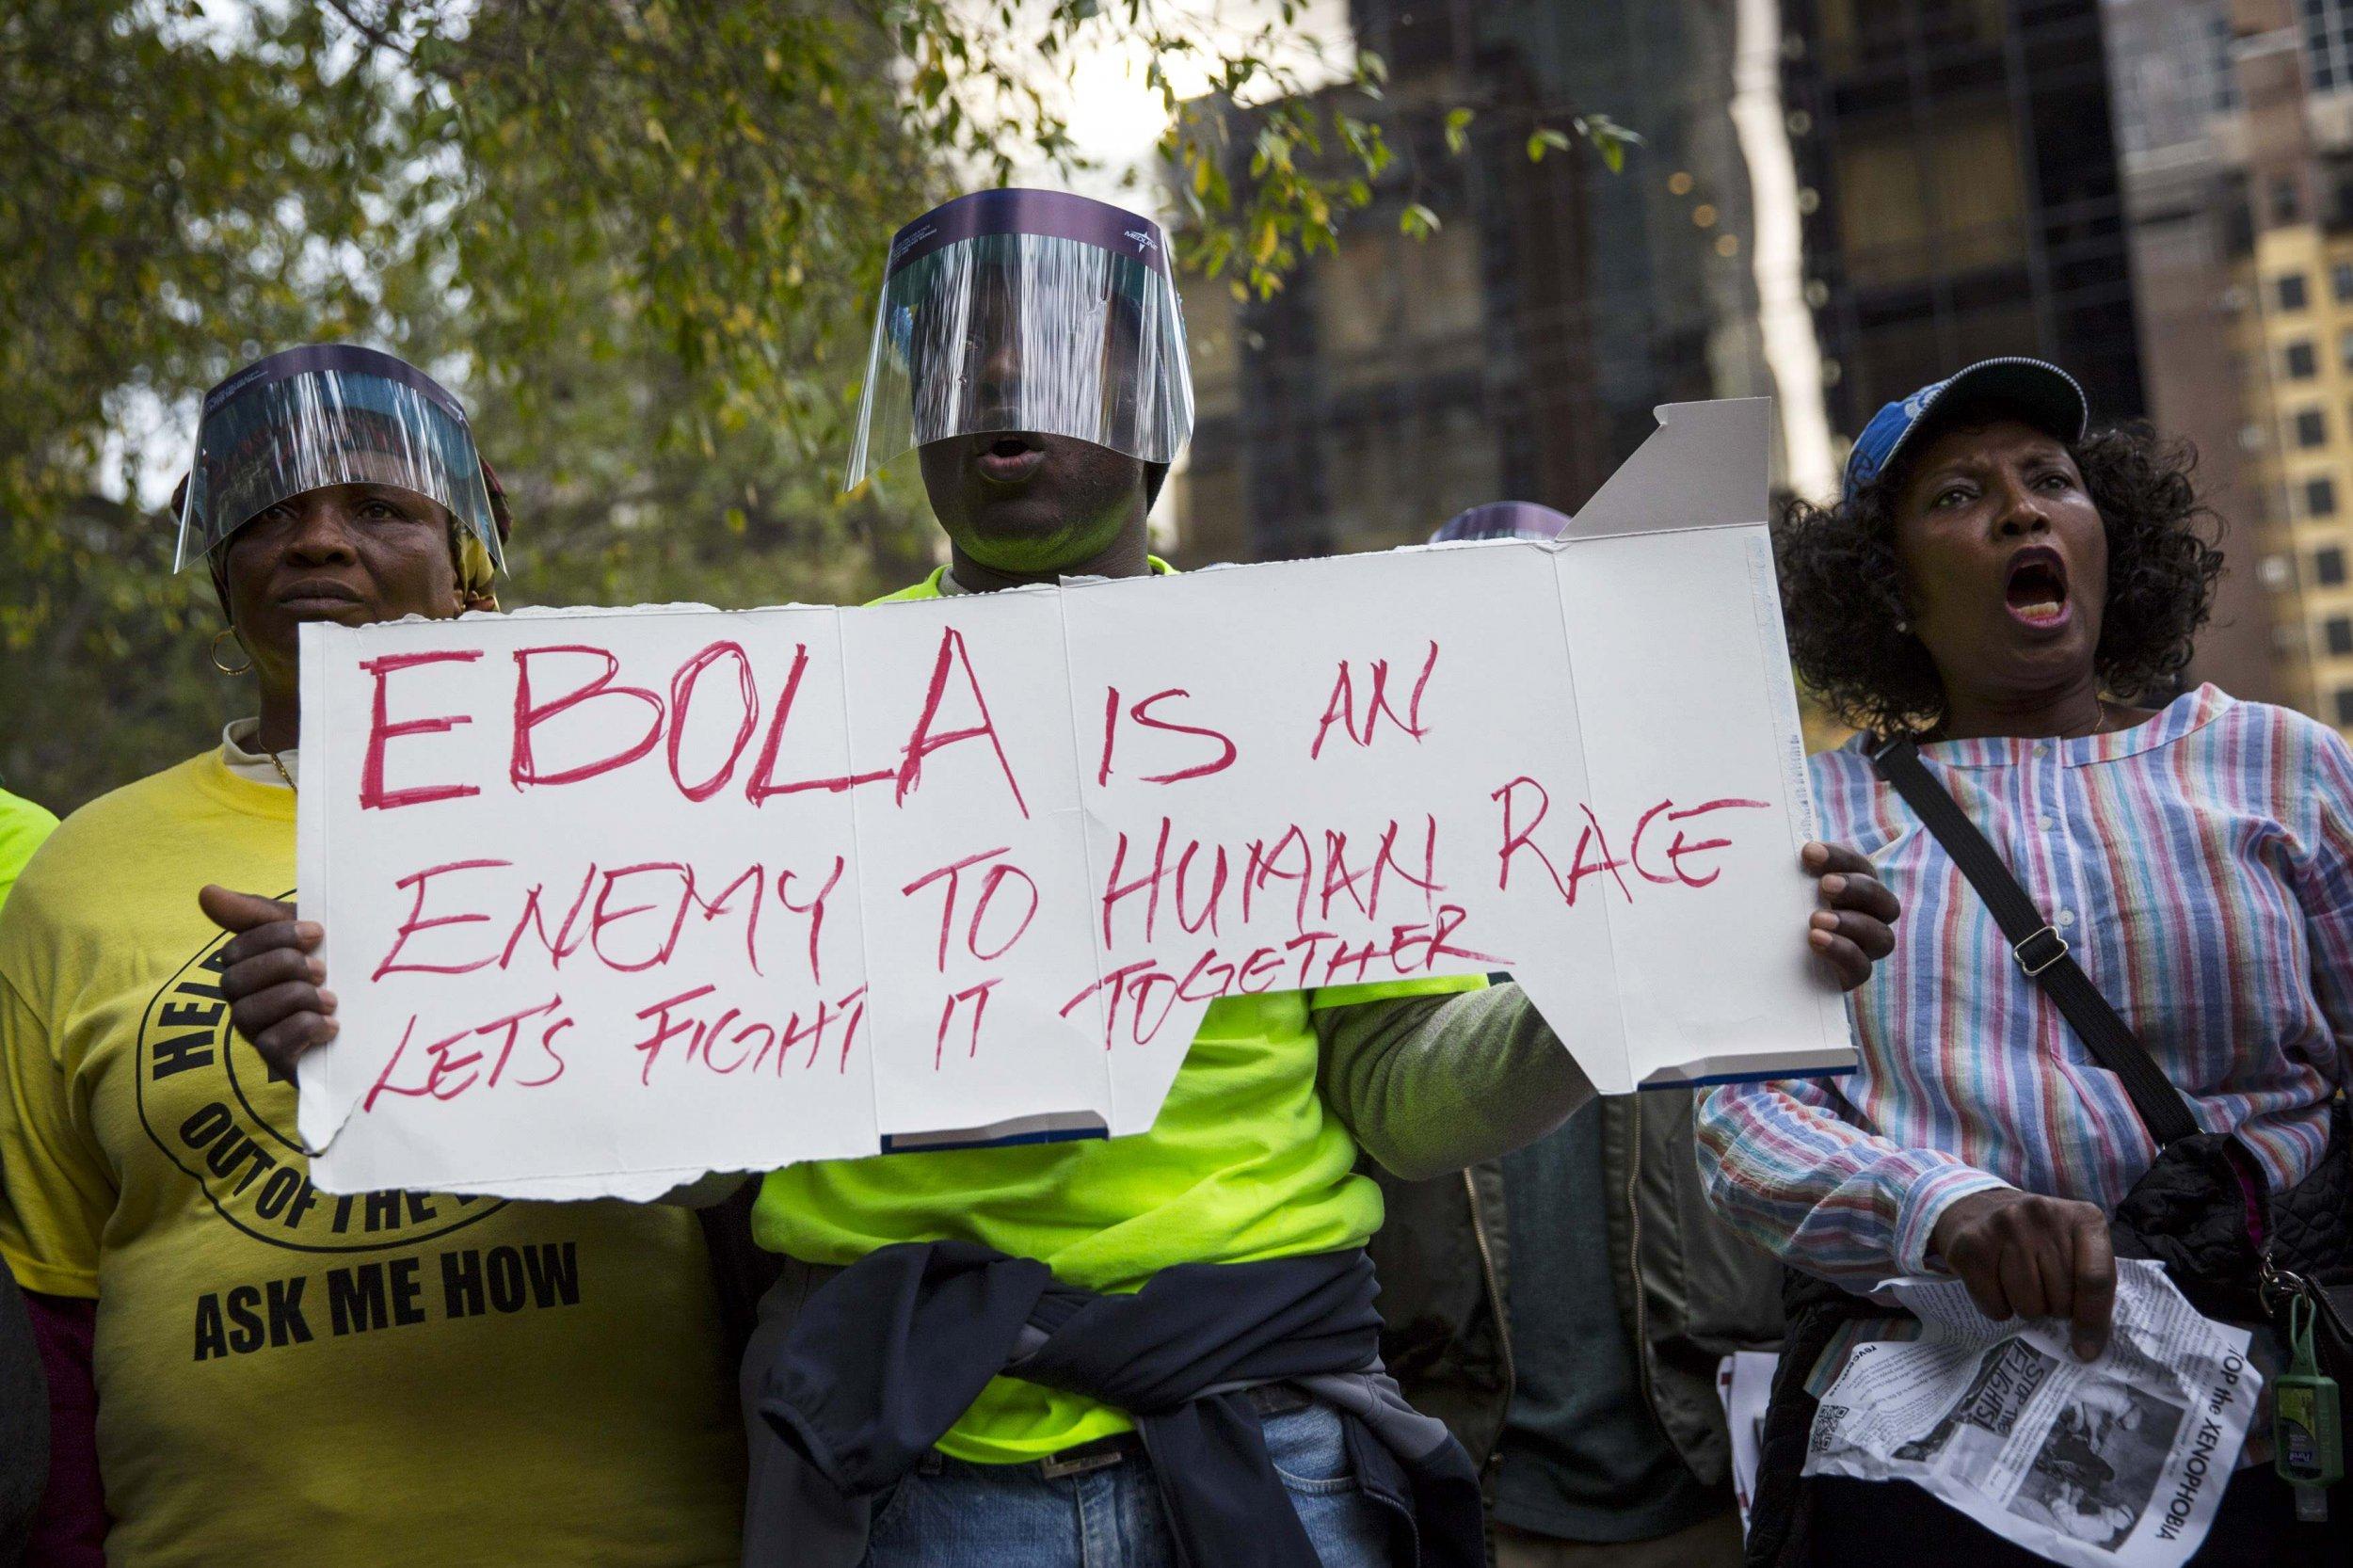 Ebola nyc